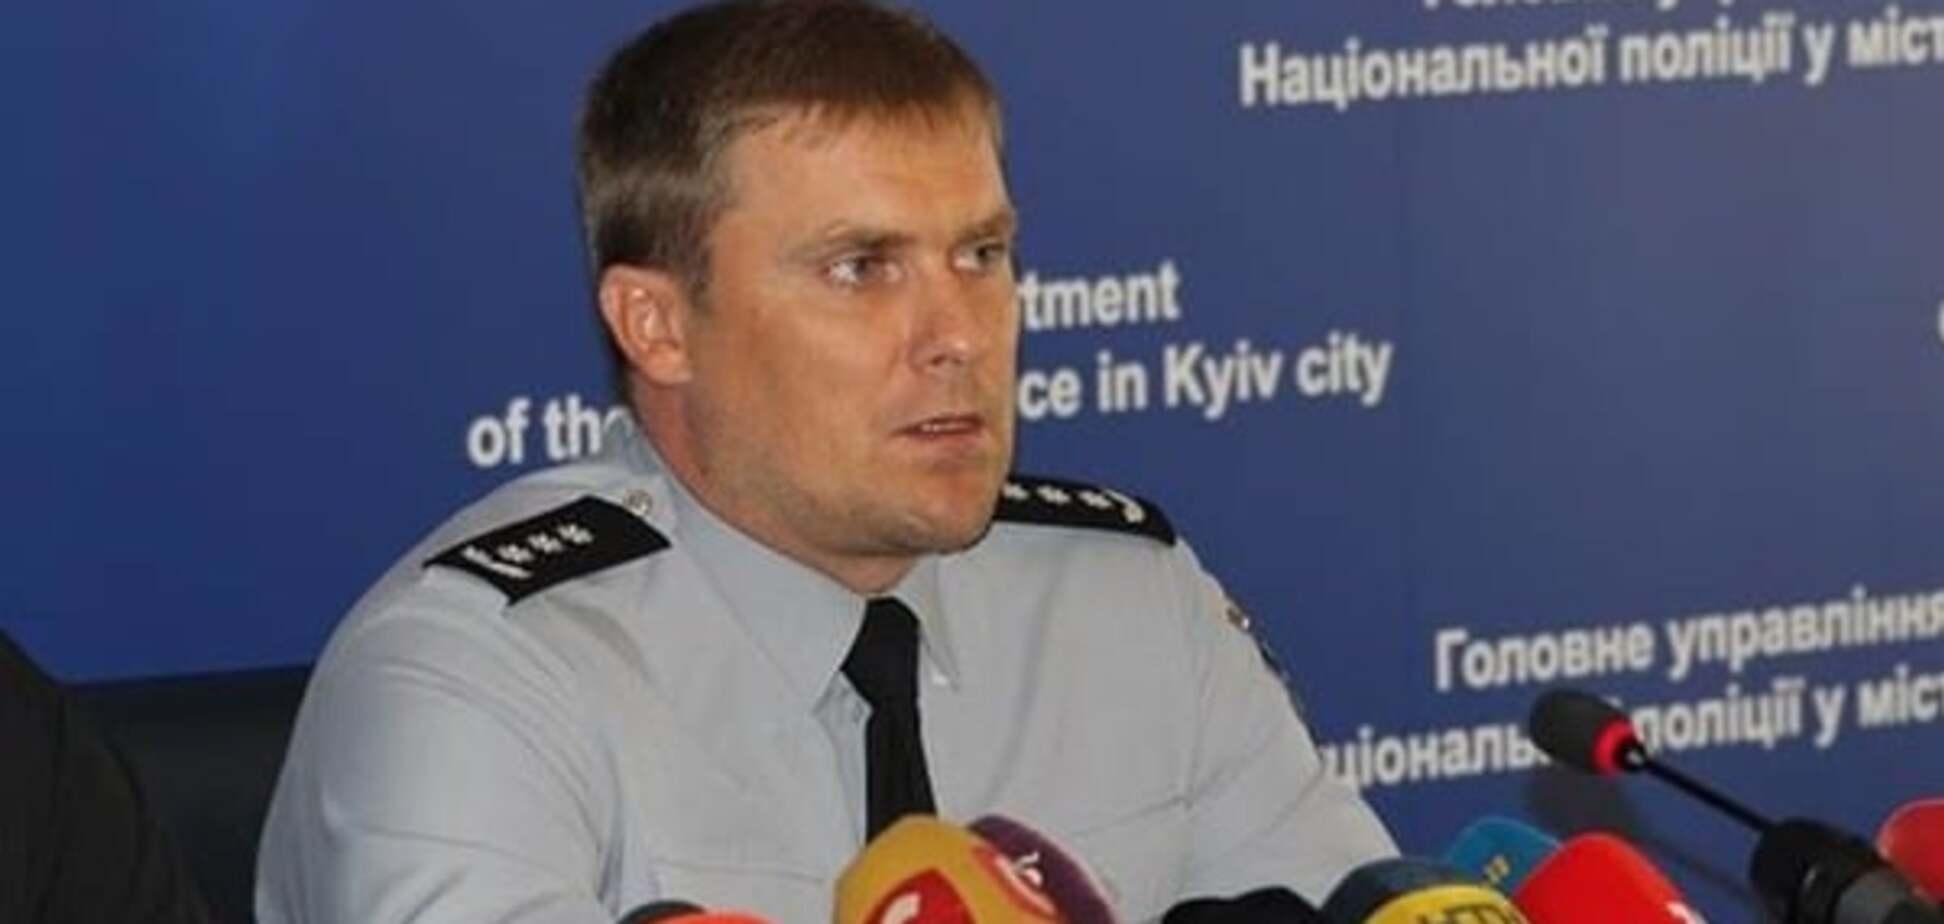 Десятки тысяч человек: в полиции подсчитали, сколько преступников освободит 'закон Савченко'